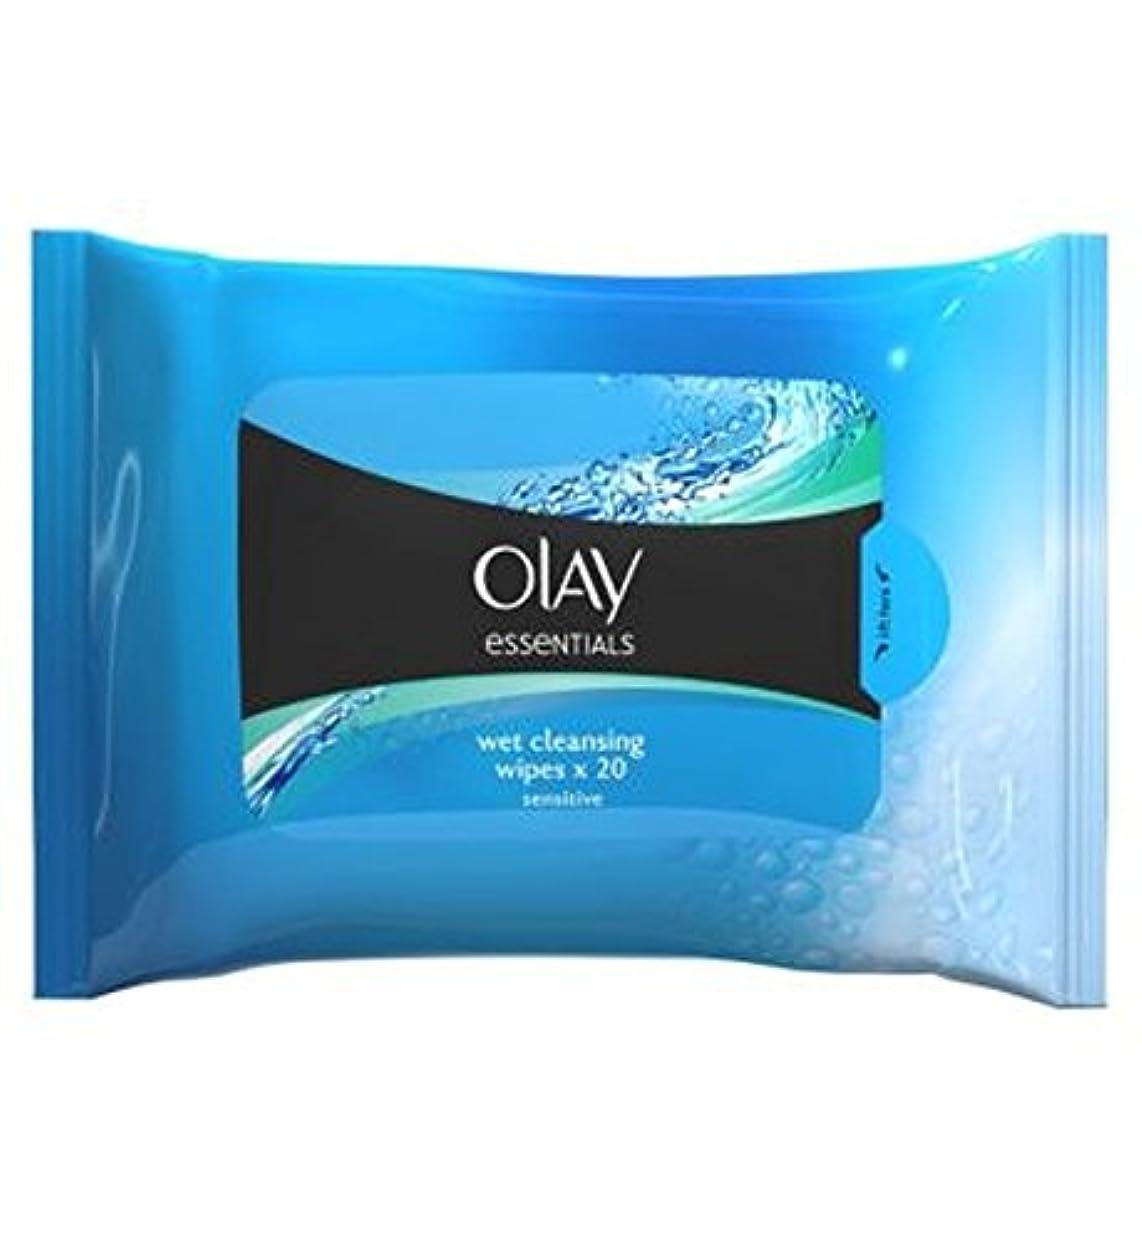 傾向シャッターブレースOlay Essentials Facial Sensitive Cleansing Wipes in Resealable Pouch x20 - 顔の敏感なクレンジングは、再シール可能なポーチX20にワイプオーレイの...